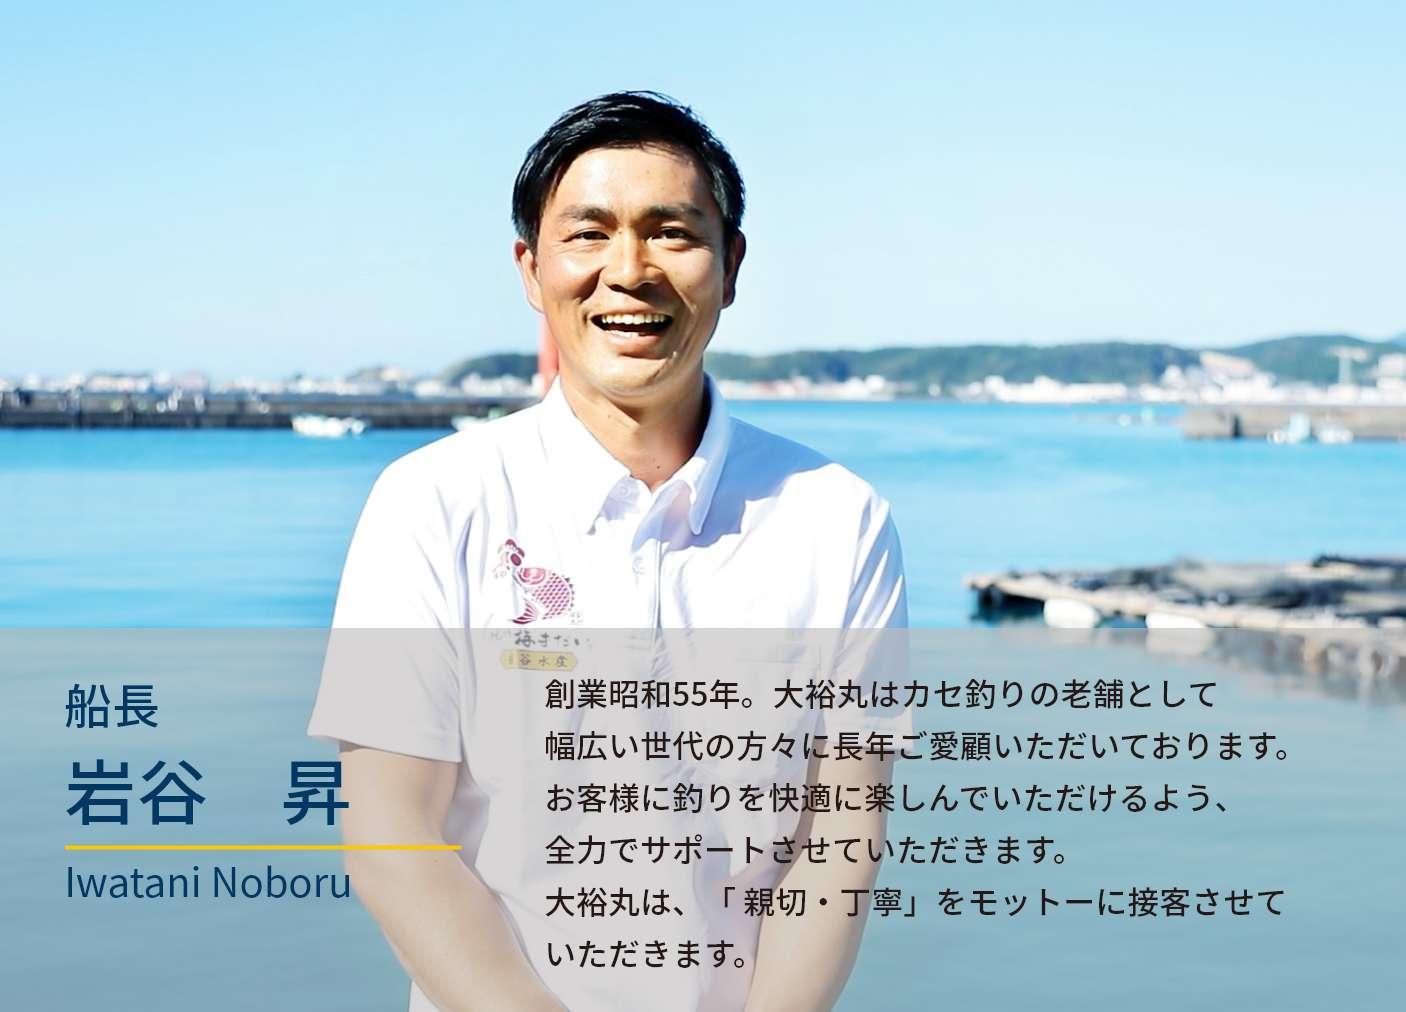 串本カセ釣りの大裕丸 船長 岩谷 昇